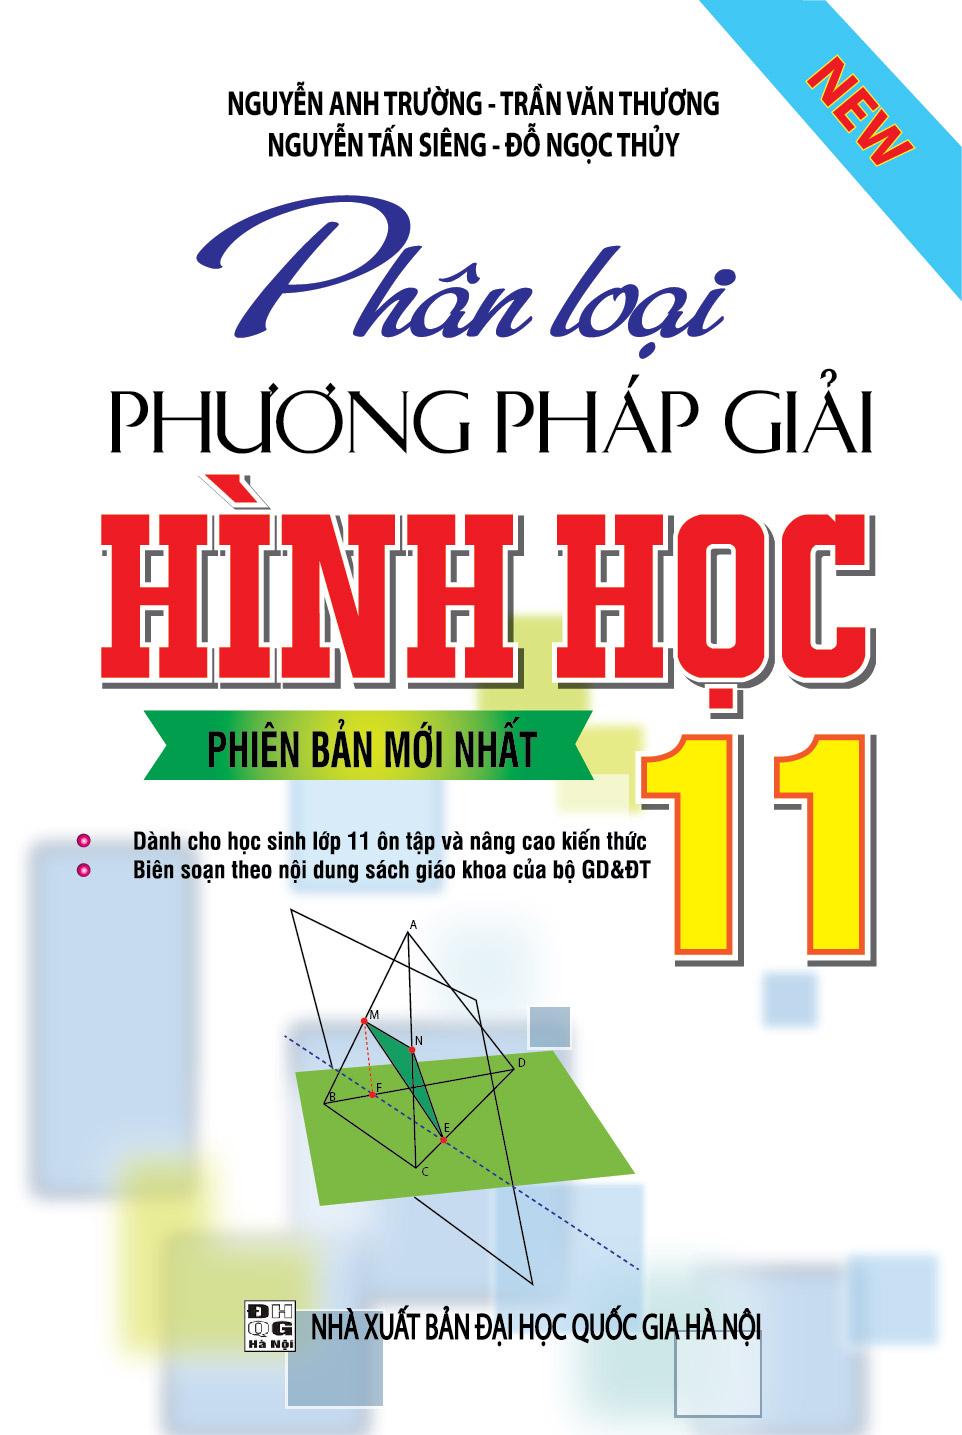 phan-loai-va-pp-giai-hh-1.jpg